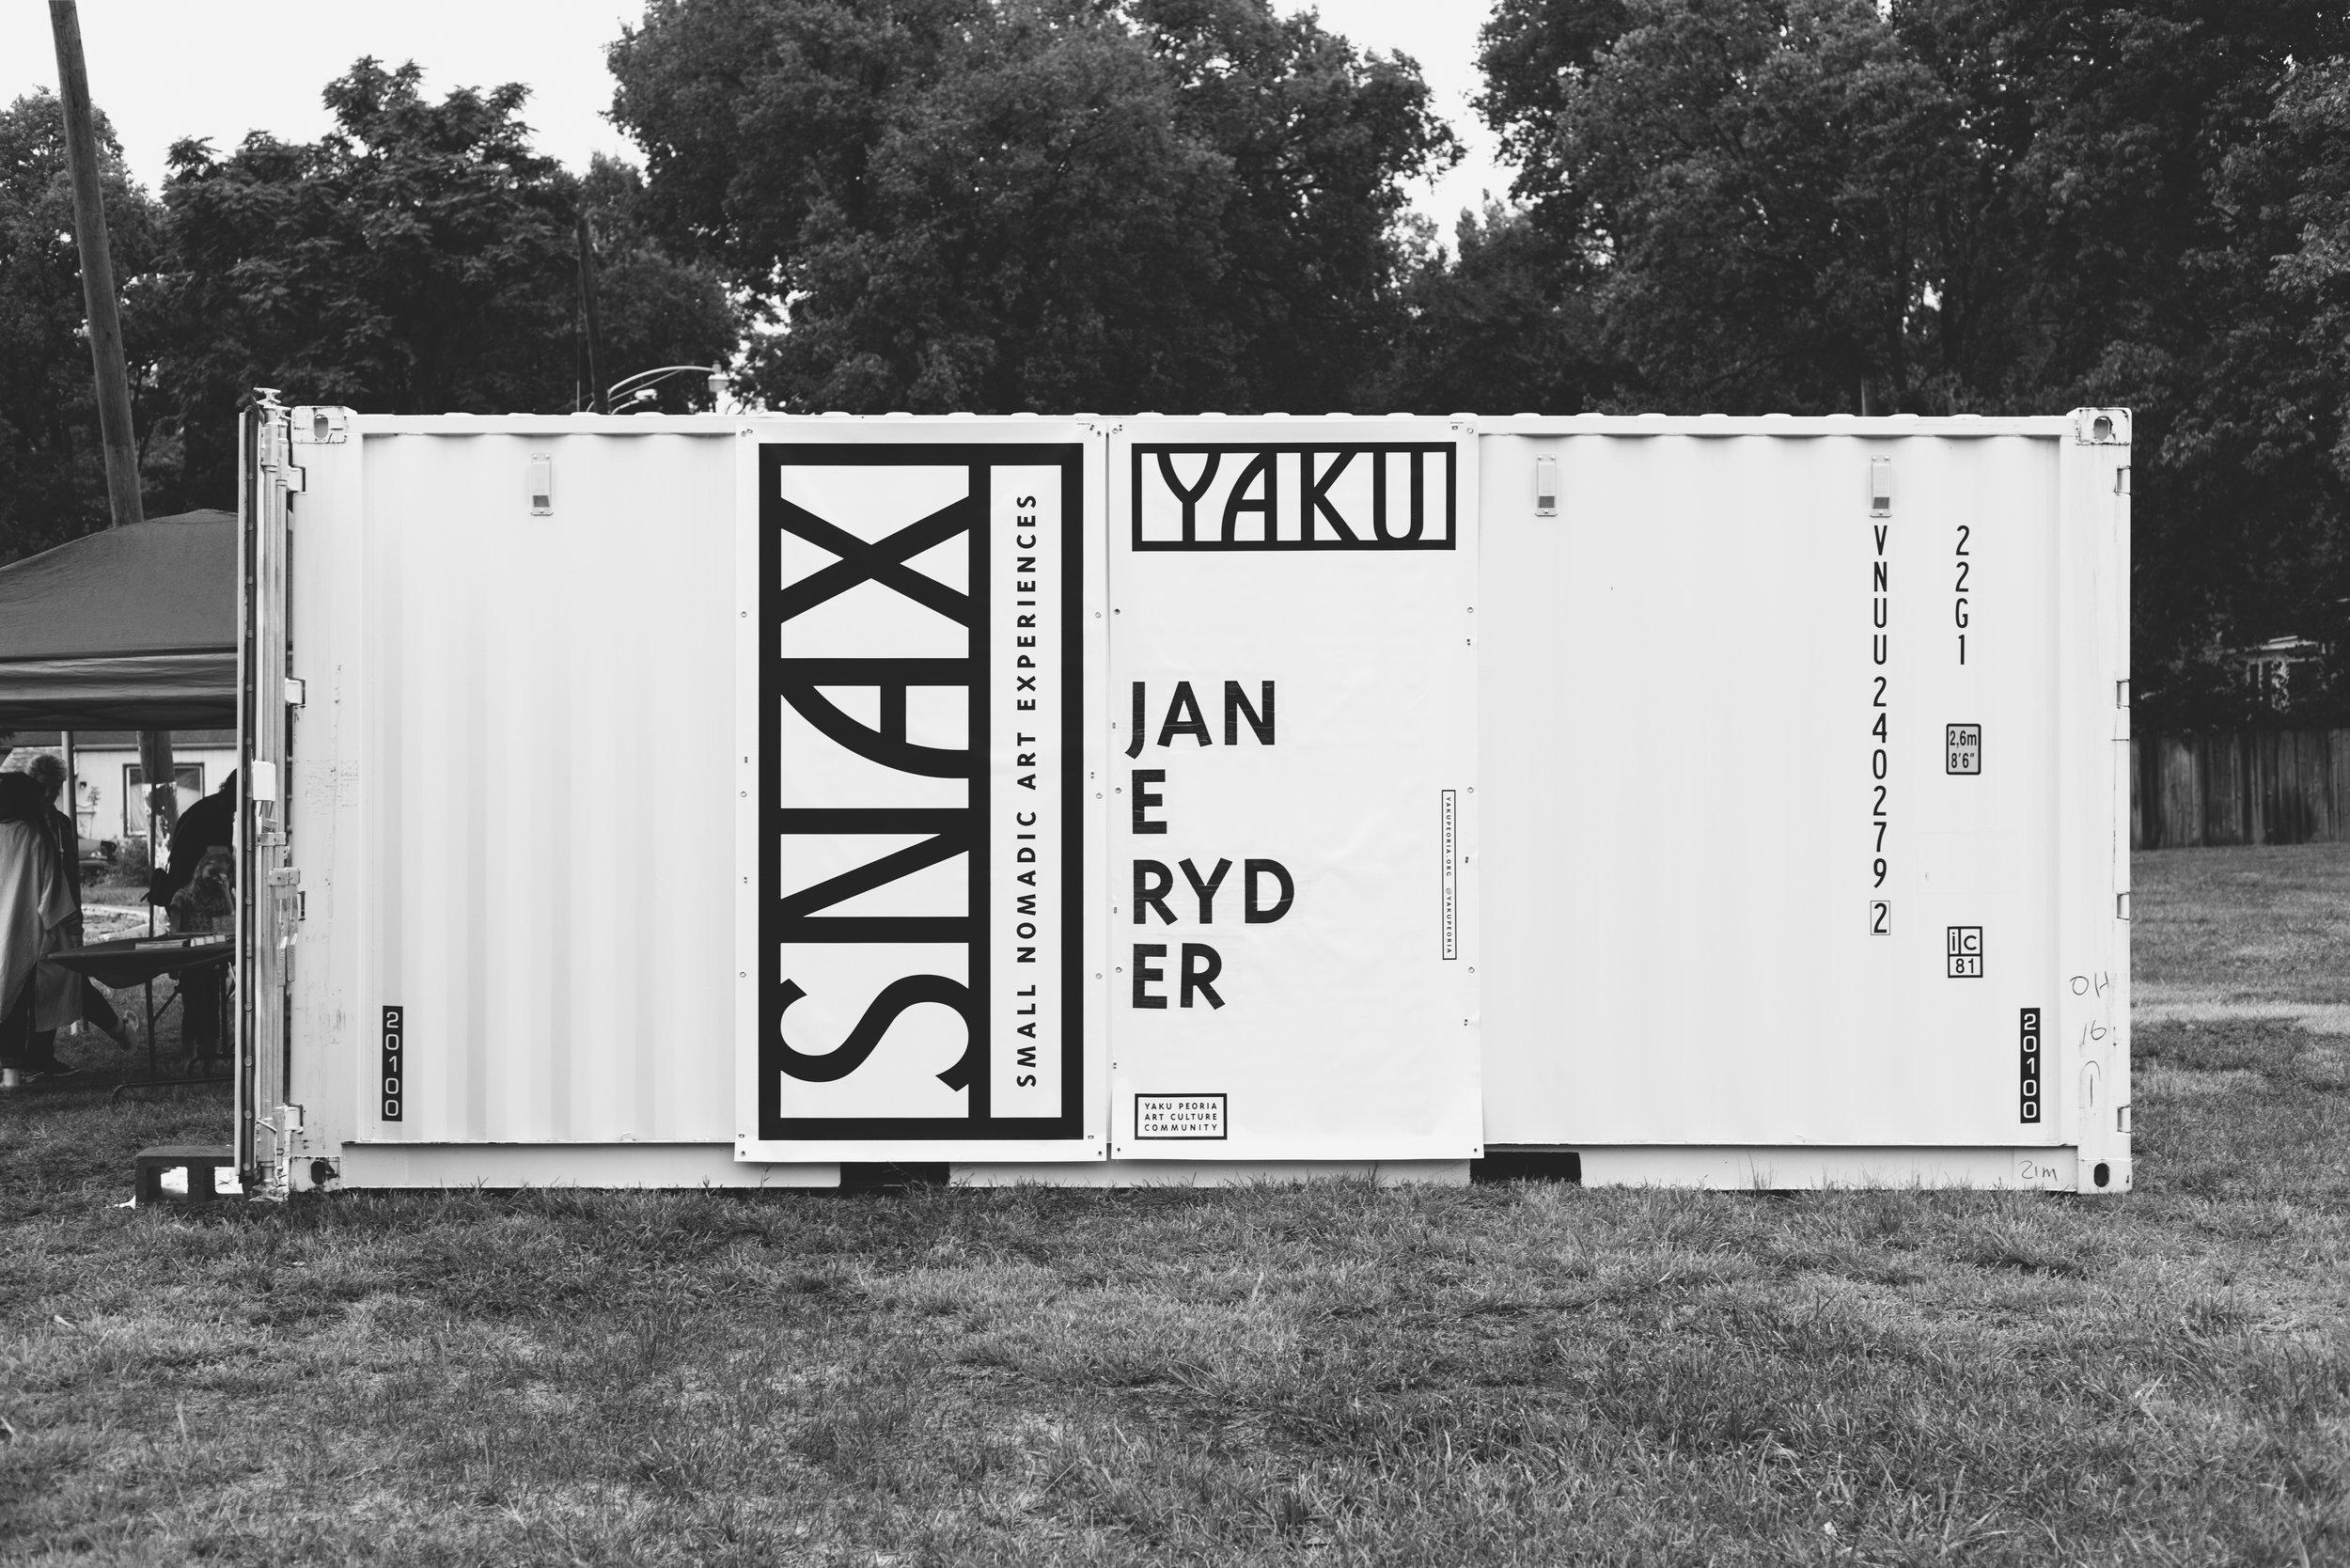 SNAX 04 - Pendant une nuit, une partie de Main Street, à Peoria, depuis longtemps oubliée, est brièvement transformée en une galerie pop-up rougeoyante.